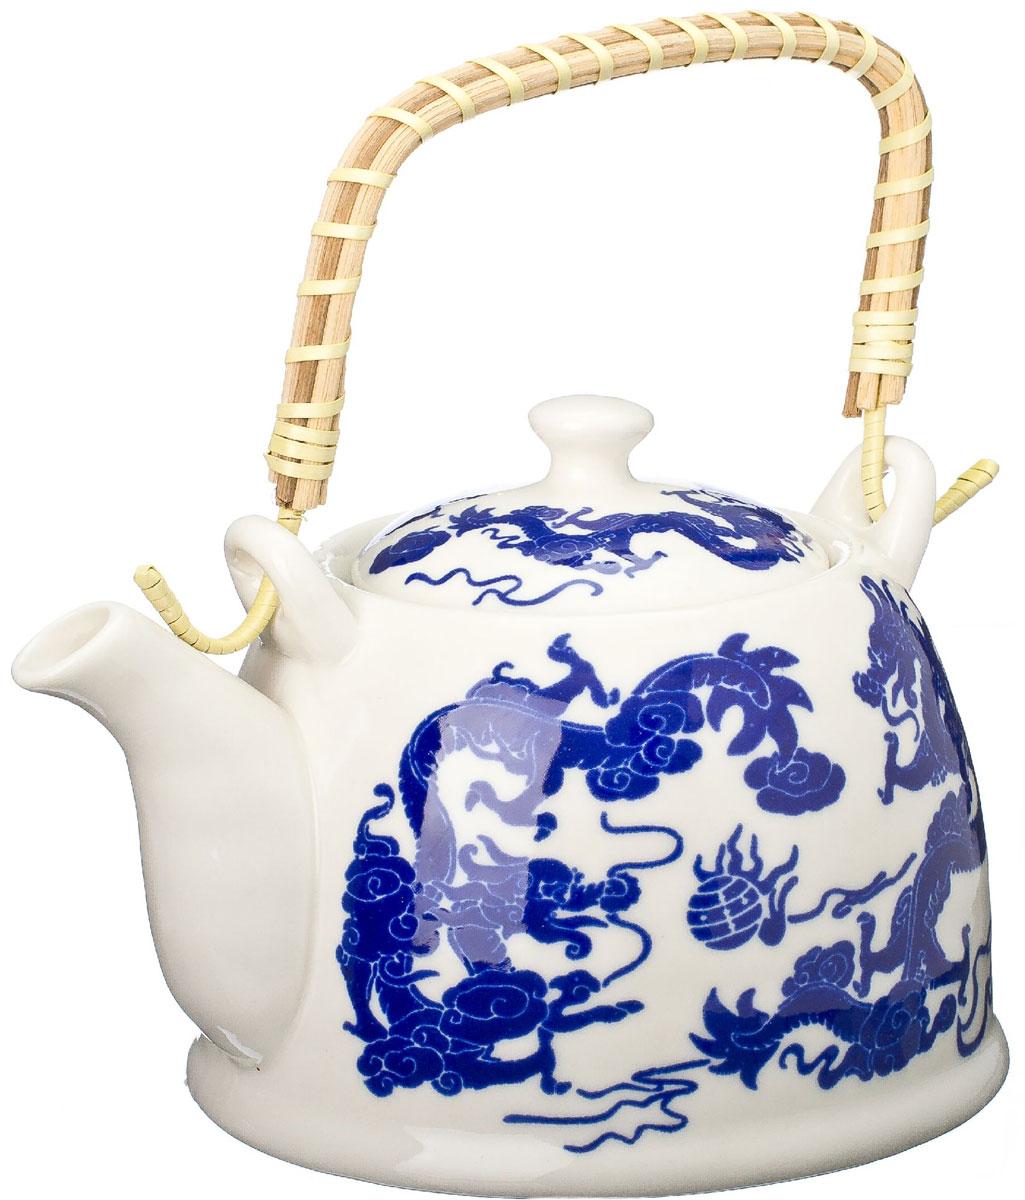 Чайник заварочный Vetta Синий дракон, с фильтром, 900 мл94672Украсьте свое чаепитие изысканным чайником VettaСиний дракон, декорированный красочным изображением дракона. В чайнике имеется металлическое ситечко, ручка чайника декорирована бамбуковым волокном. В этом красивом чайнике чай получается очень насыщенным, ароматным и долго остается горячим.Упакован в подарочный короб, что может послужить отличным подарком родным и близким.